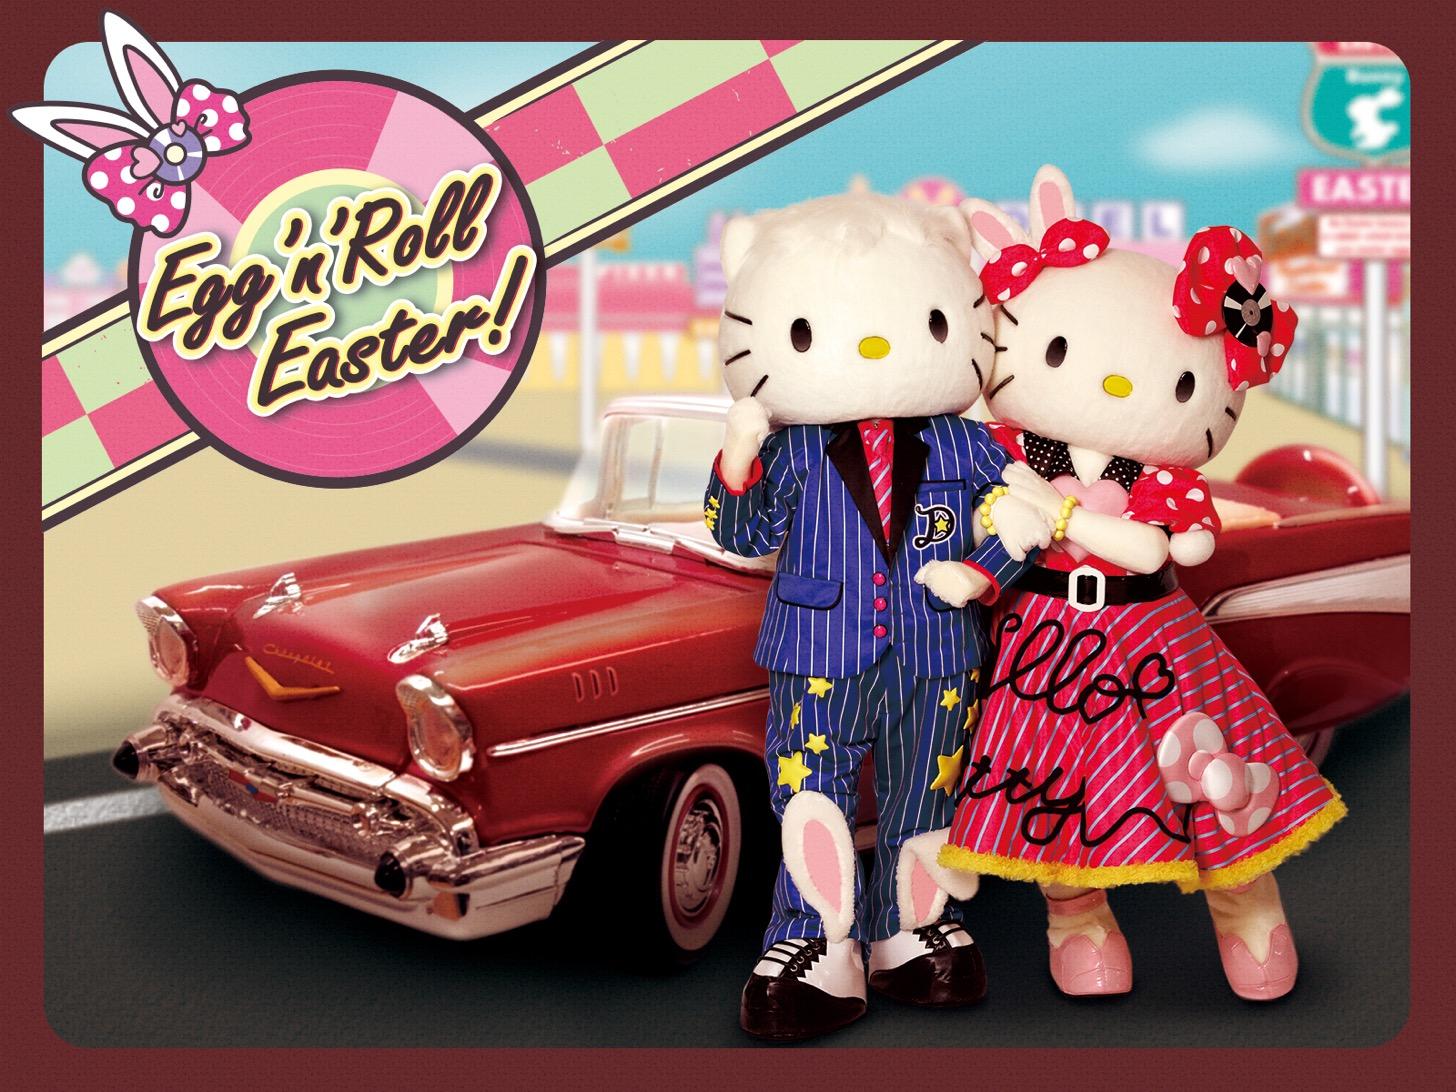 新作参加型イースターショー「Egg'n'Roll Easter!」